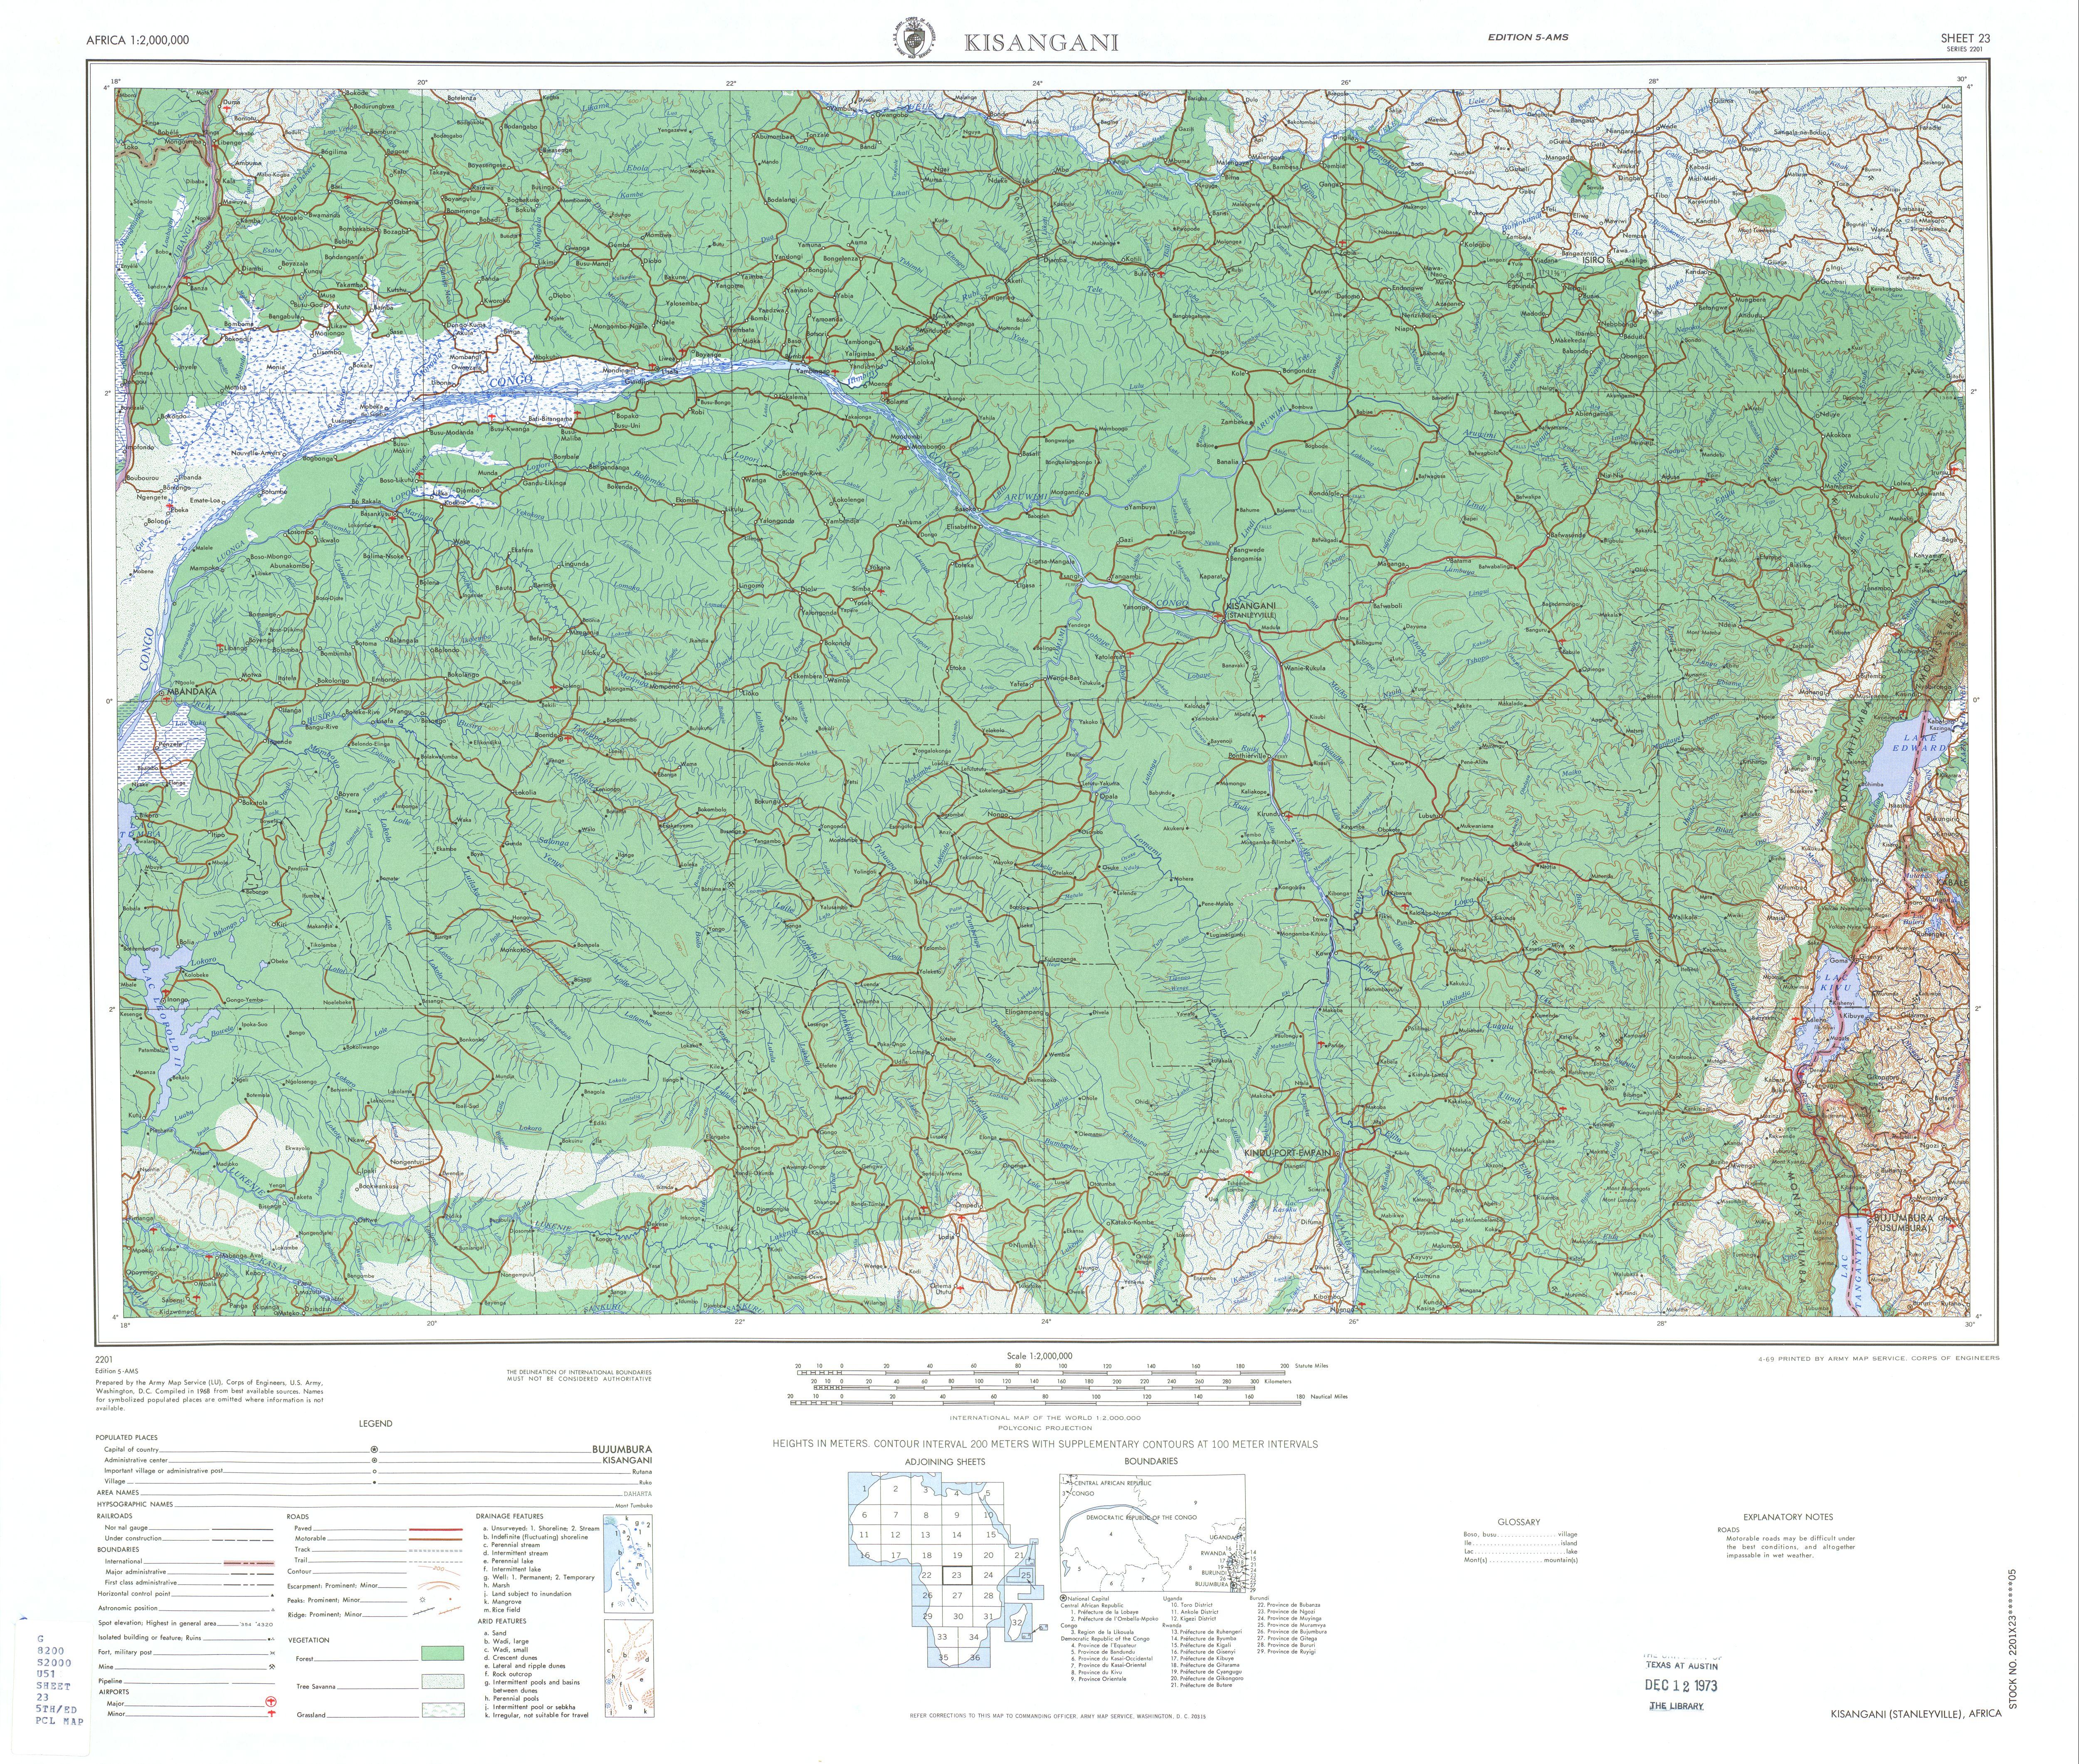 Kisangani Topographic Sheet Map, Africa 1968